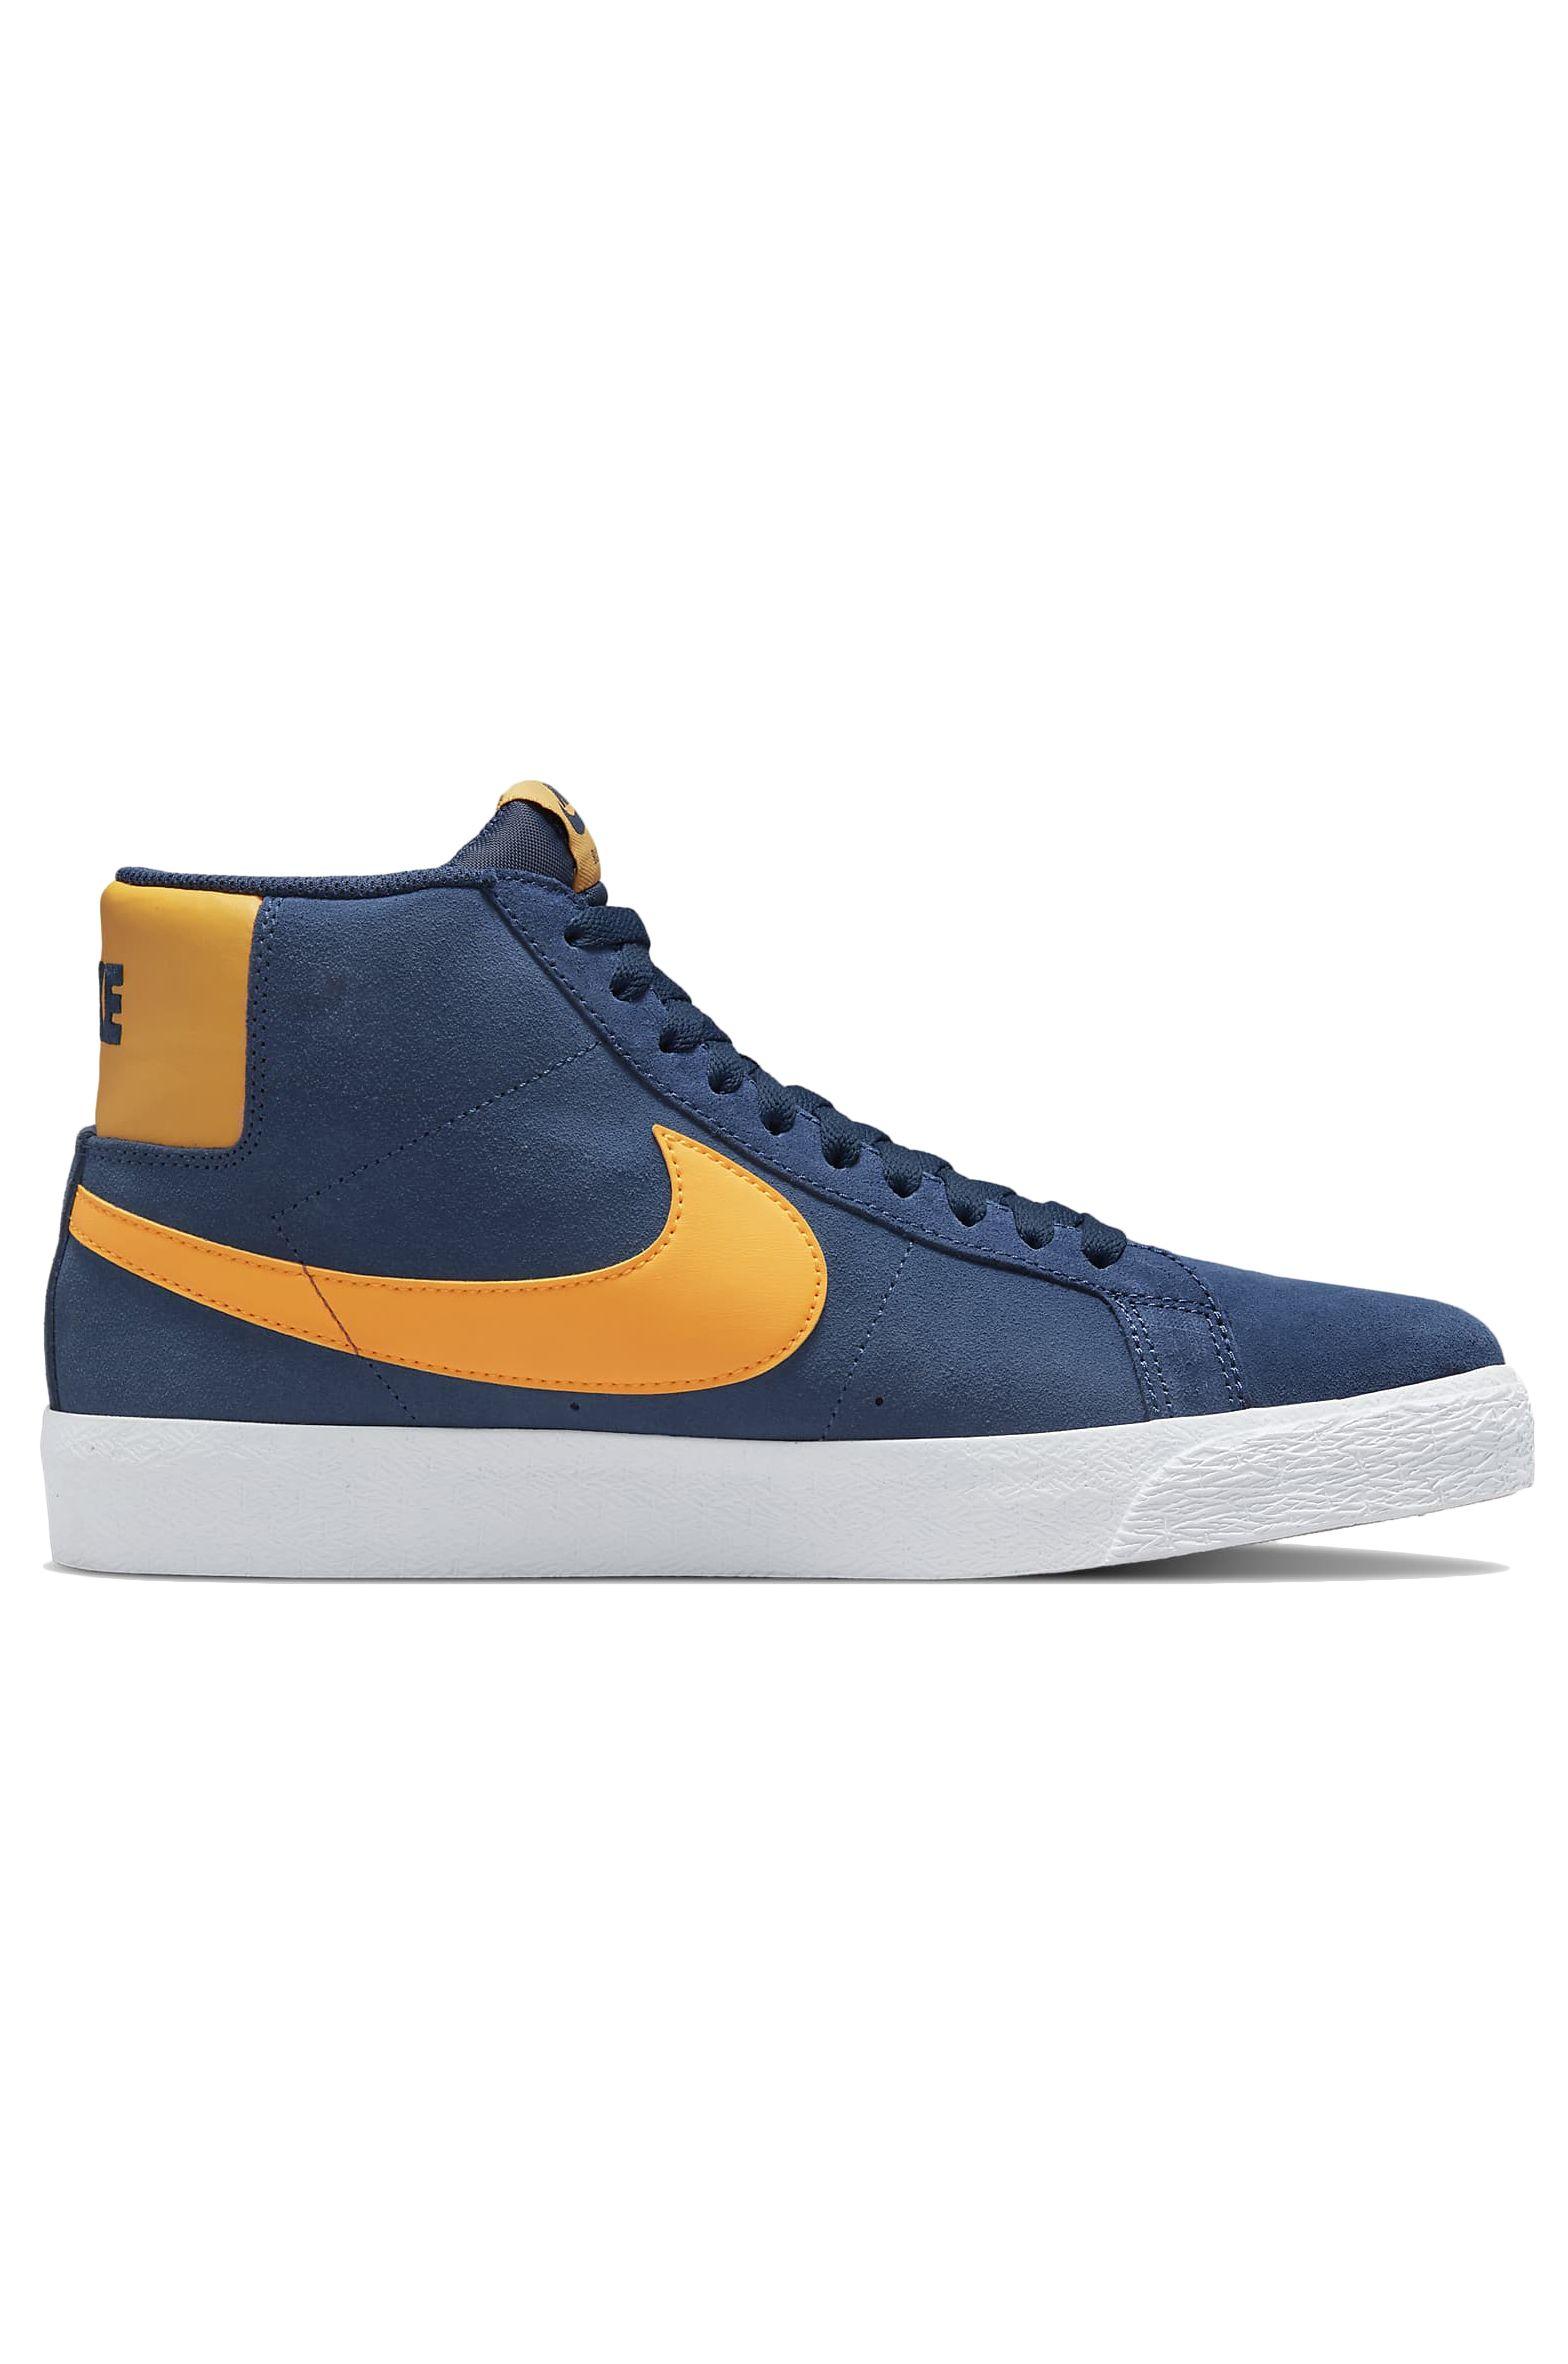 Nike Sb Shoes ZOOM BLAZER MID Navy/University Gold-Navy-White